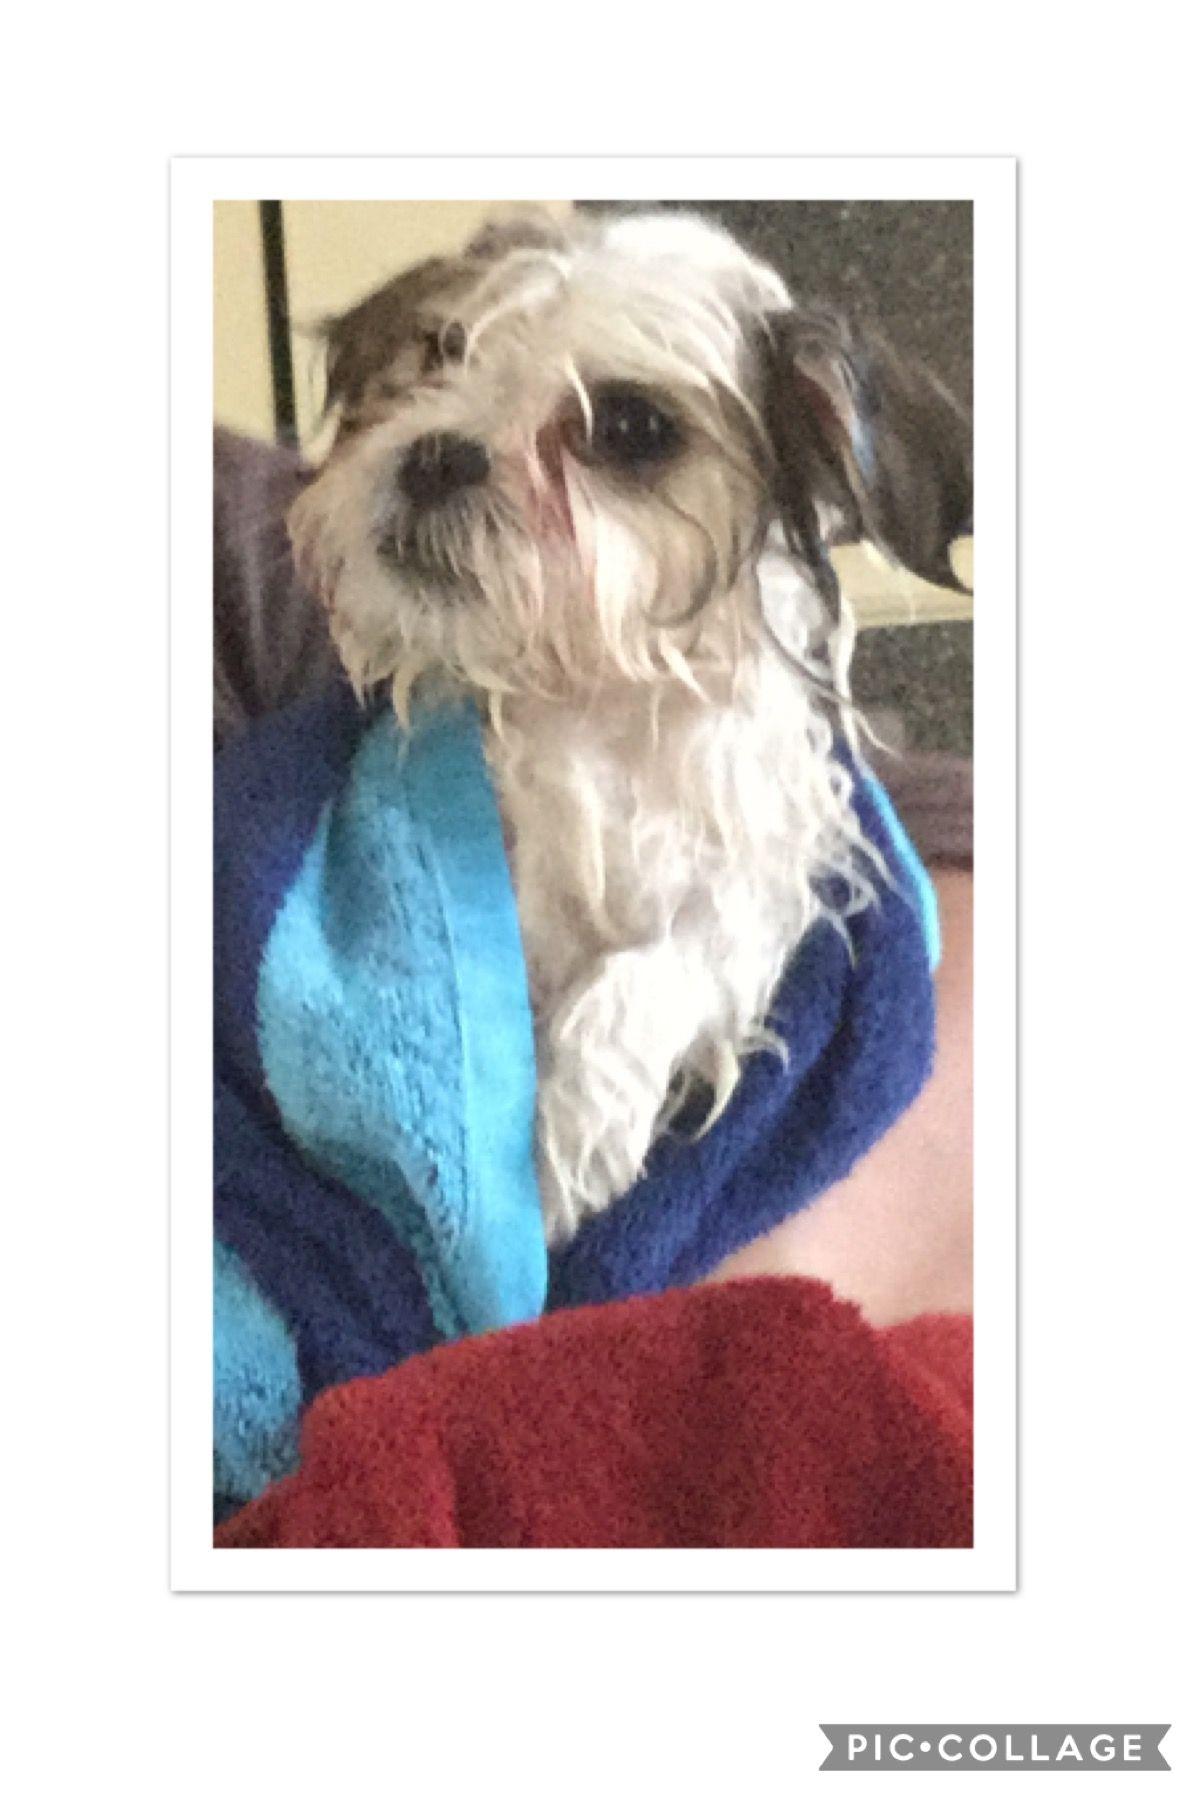 Lol😜 When he's wet